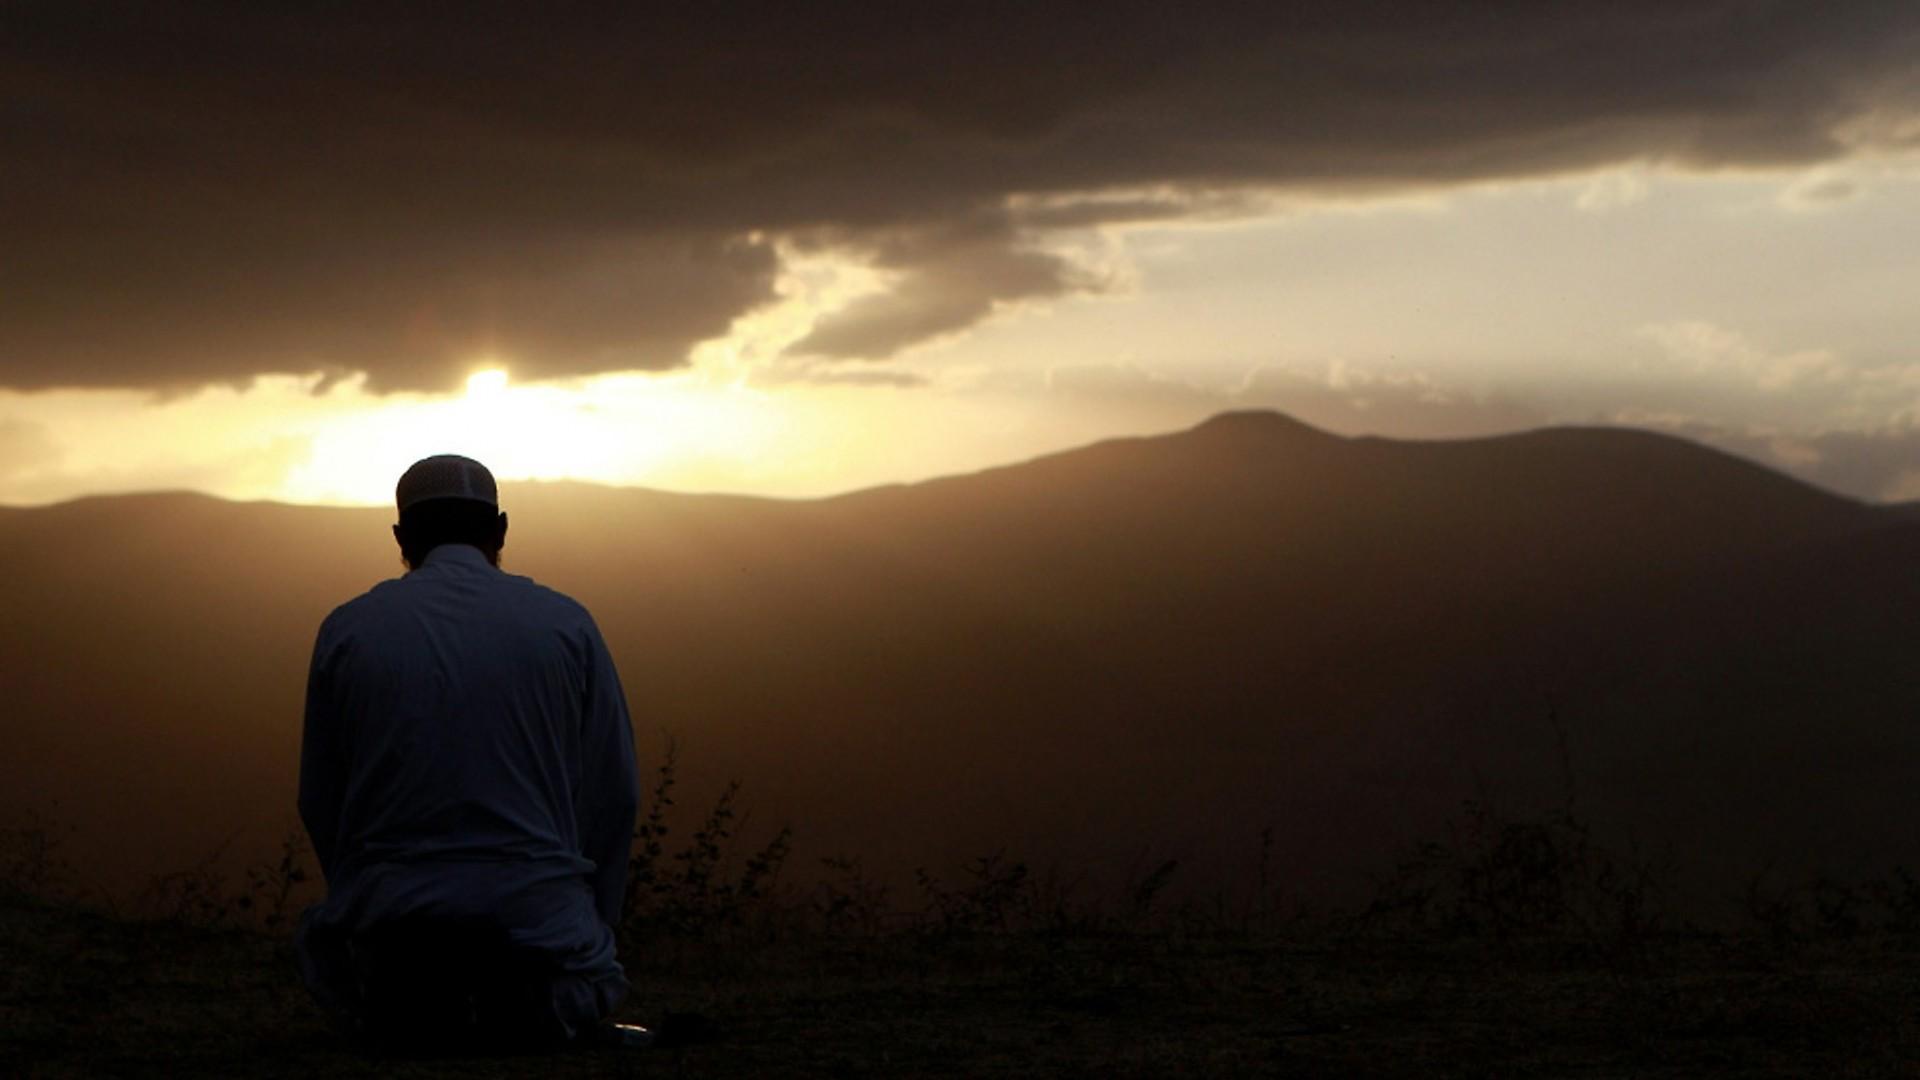 Rüyada Namaz Kılmak İsteyip Unuttuğu İçin Kılmamak